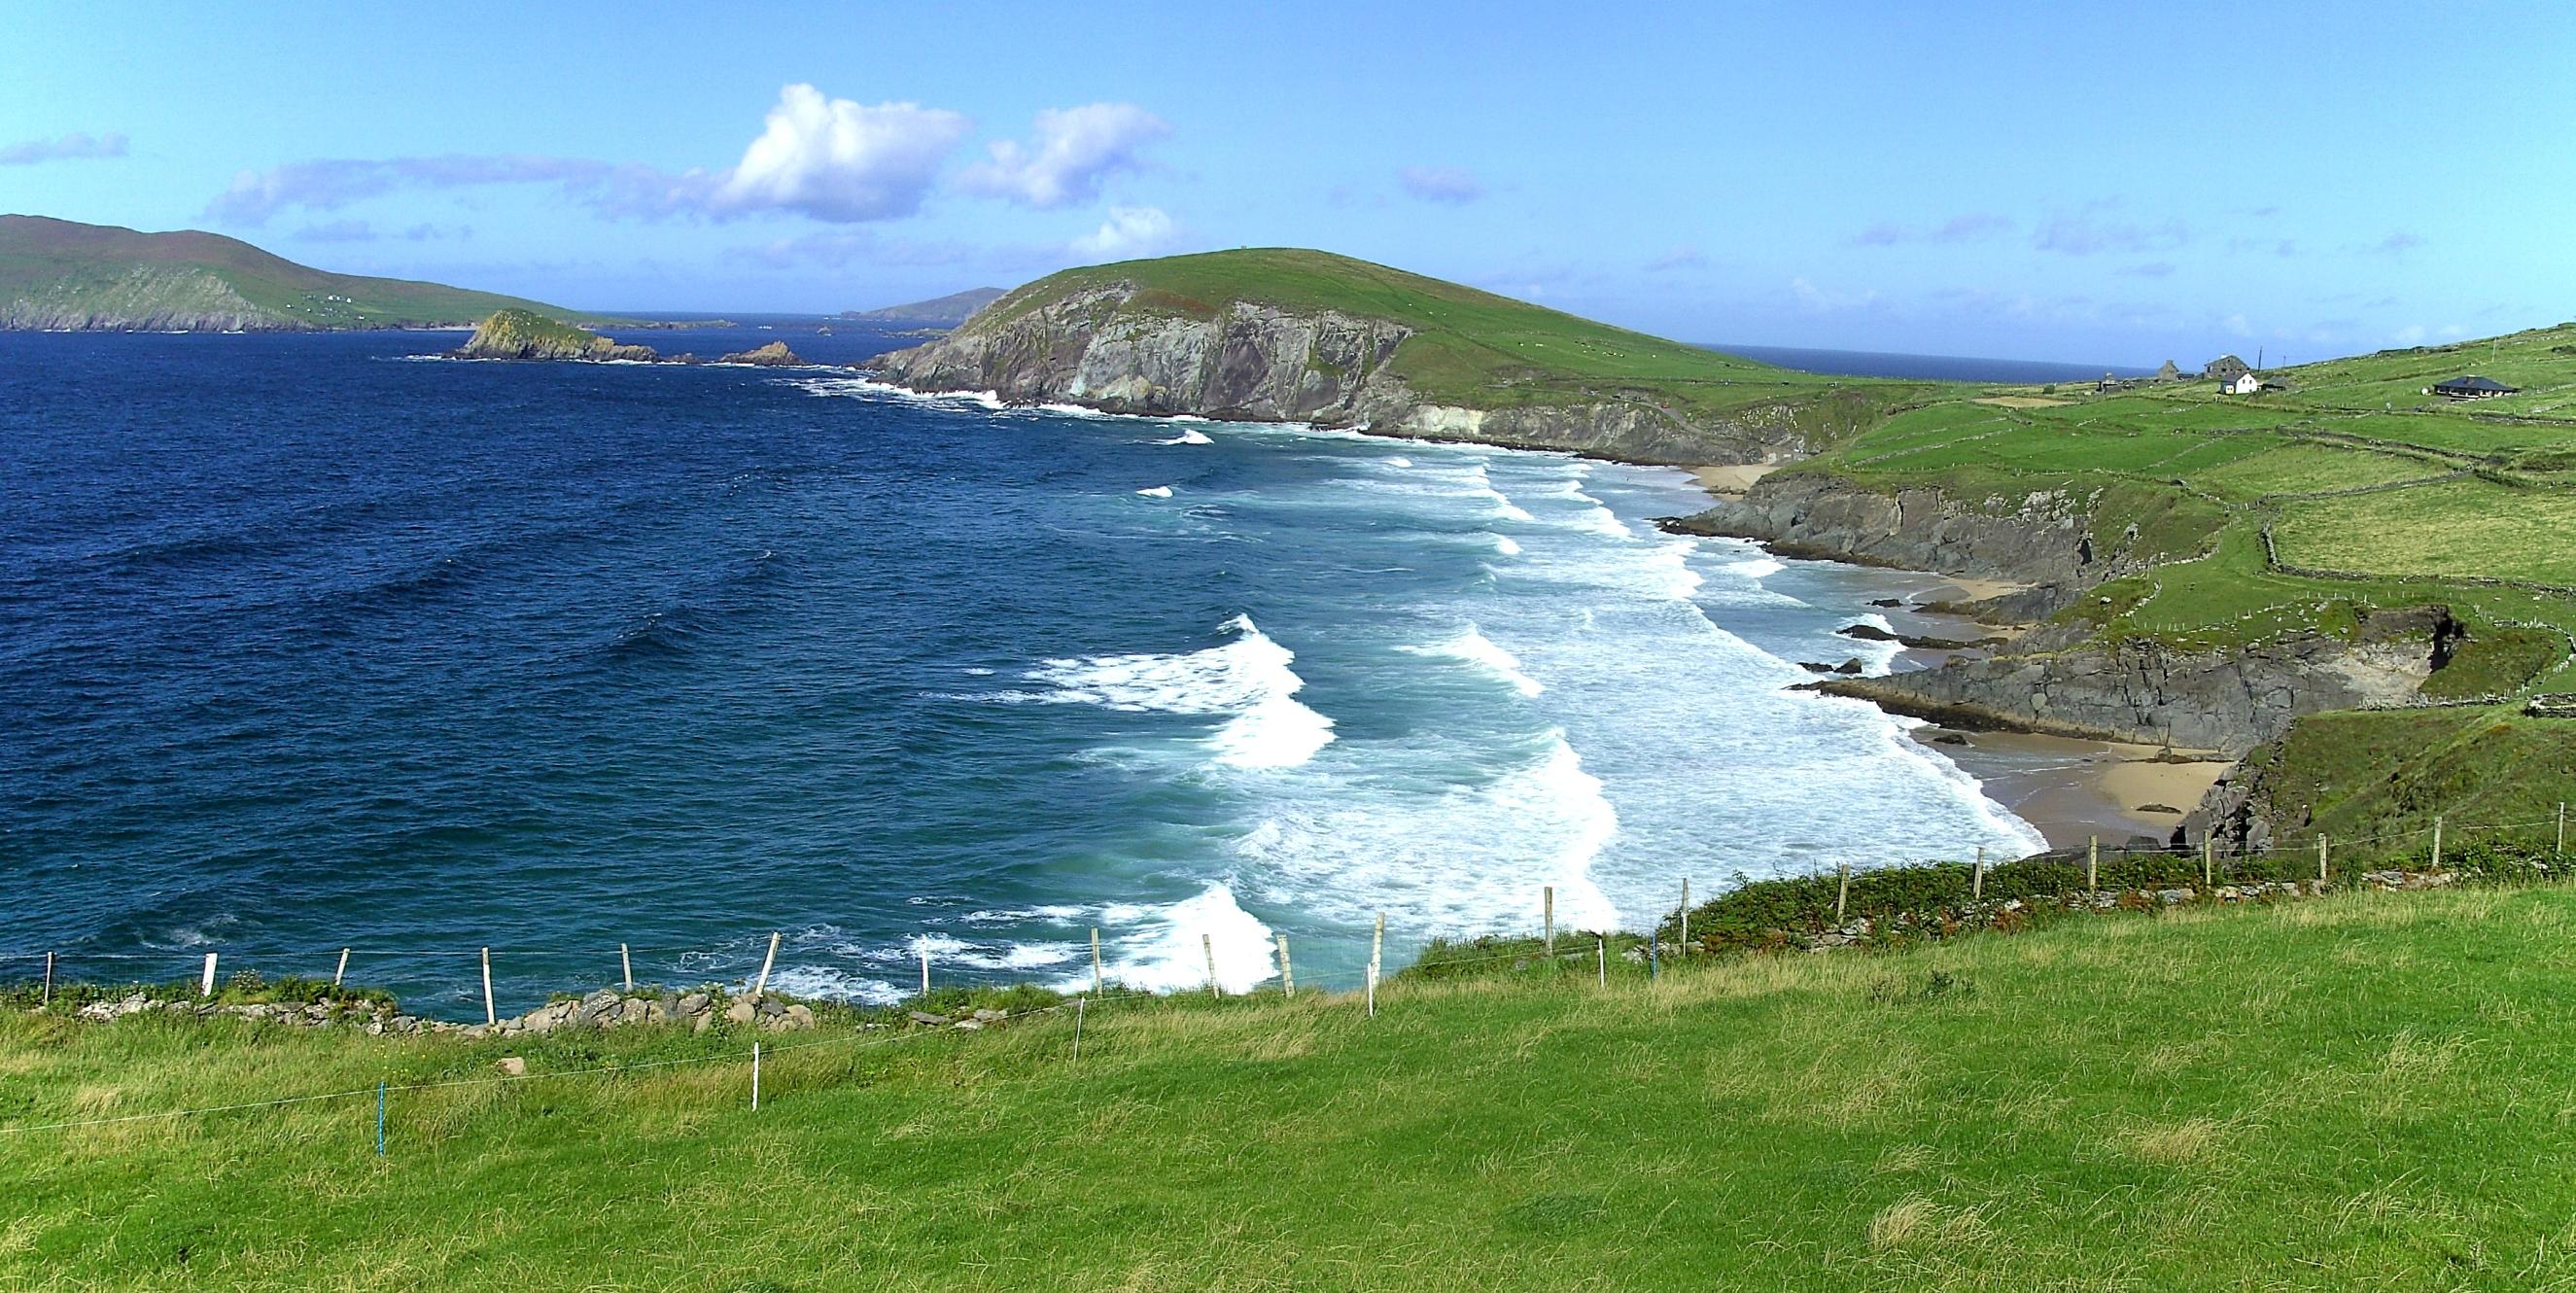 L'essenza dell'Irlanda